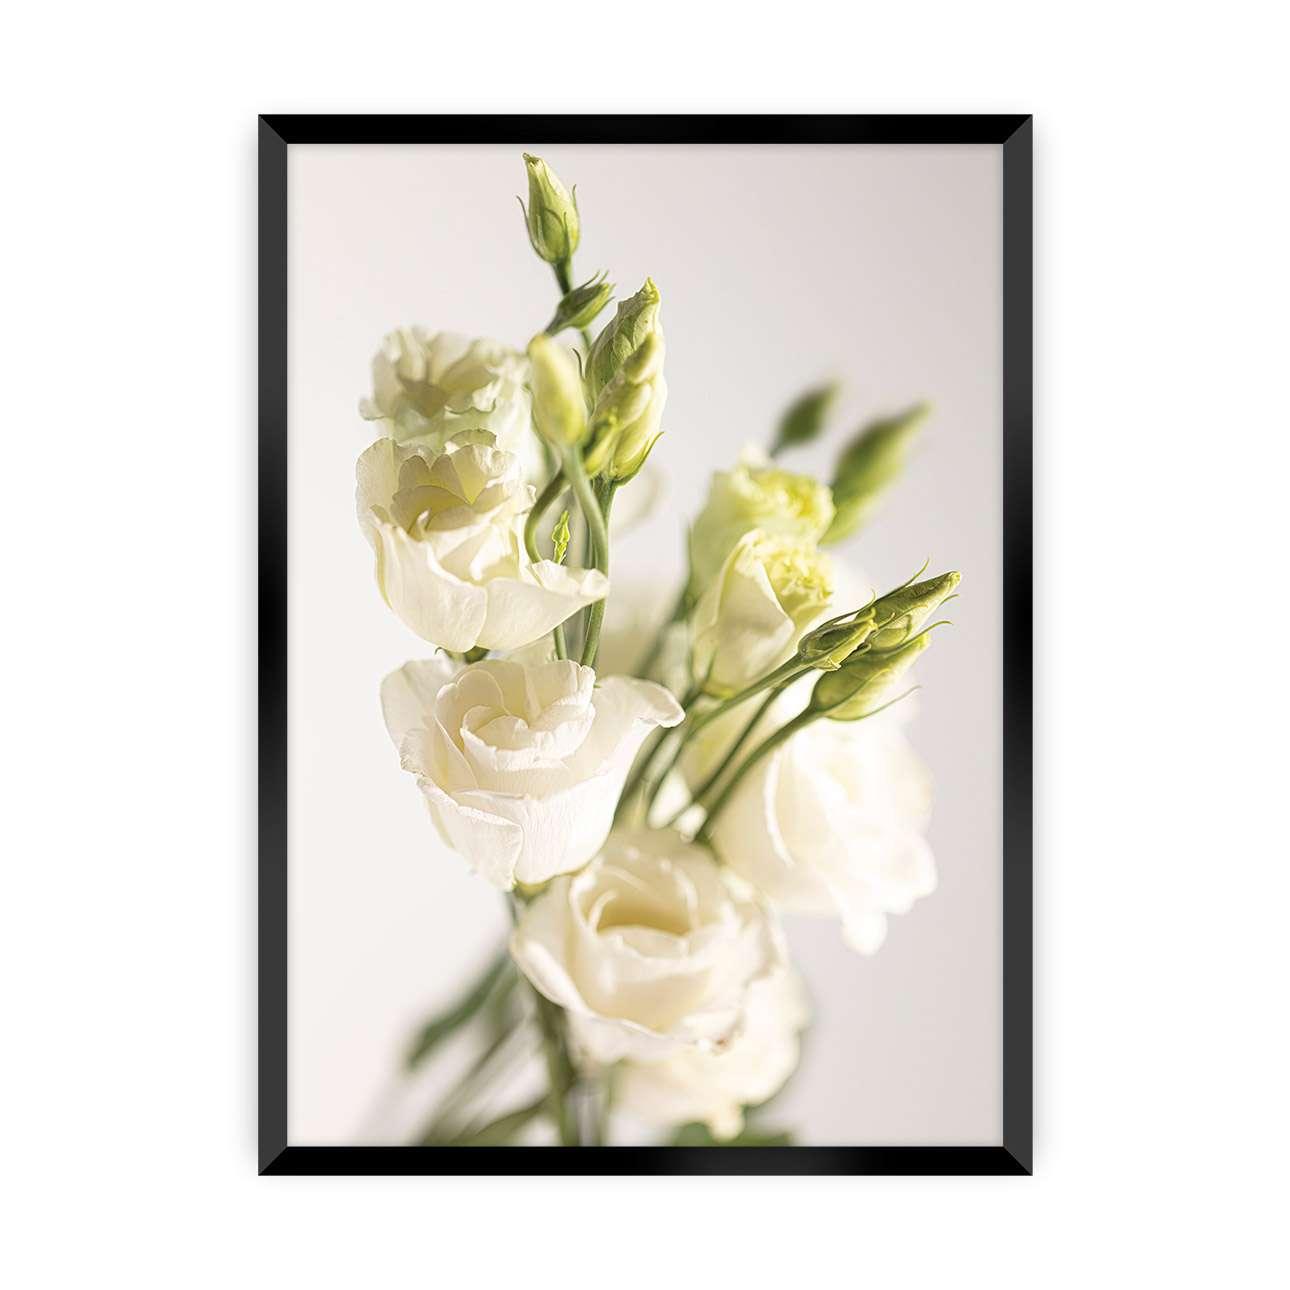 Plakát Elegant Flowers